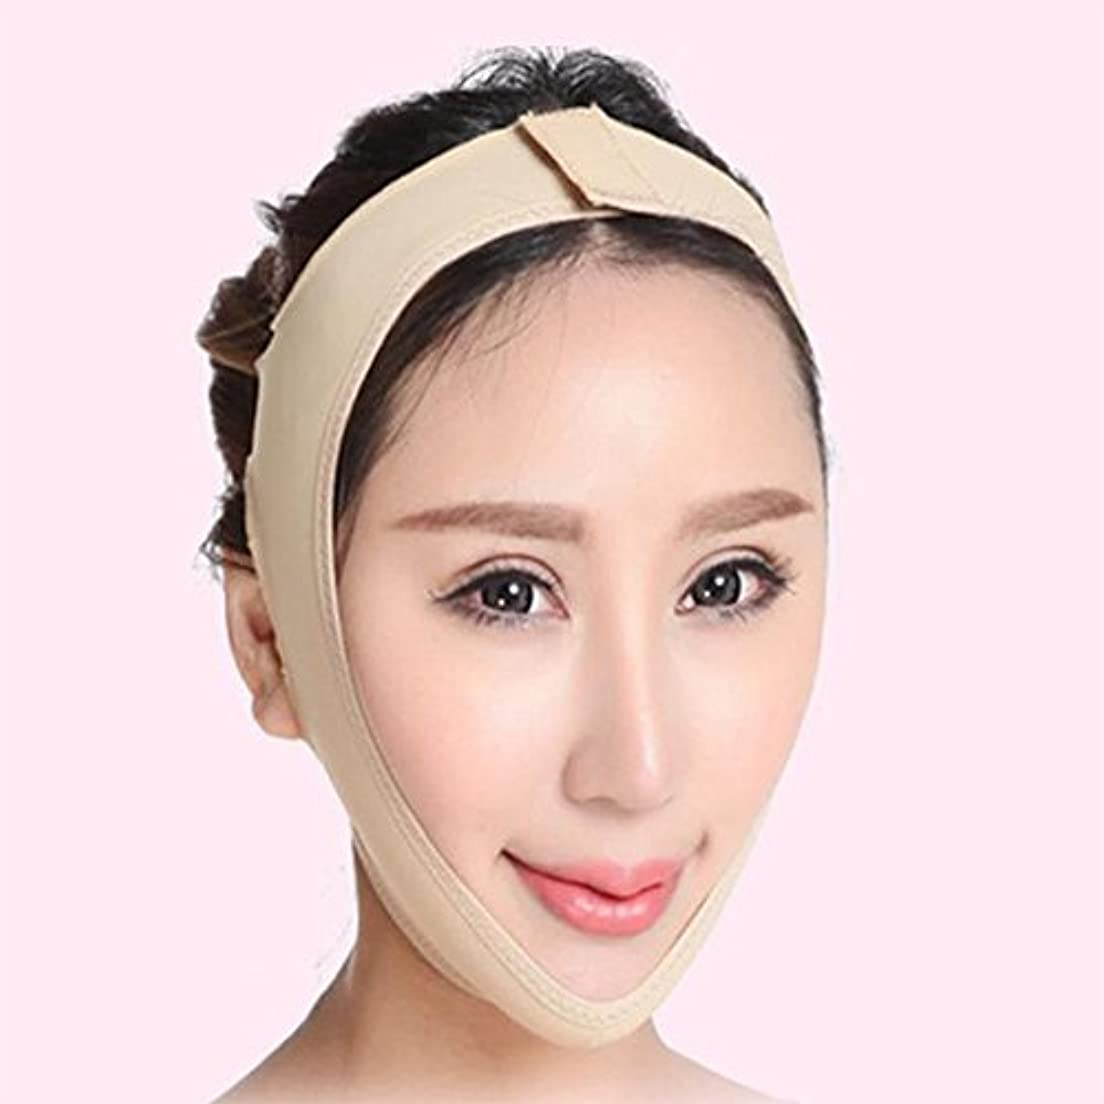 追放する調停者洗剤SD 小顔 小顔マスク リフトアップ マスク フェイスライン 矯正 あご シャープ メンズ レディース Lサイズ AZD15003-L